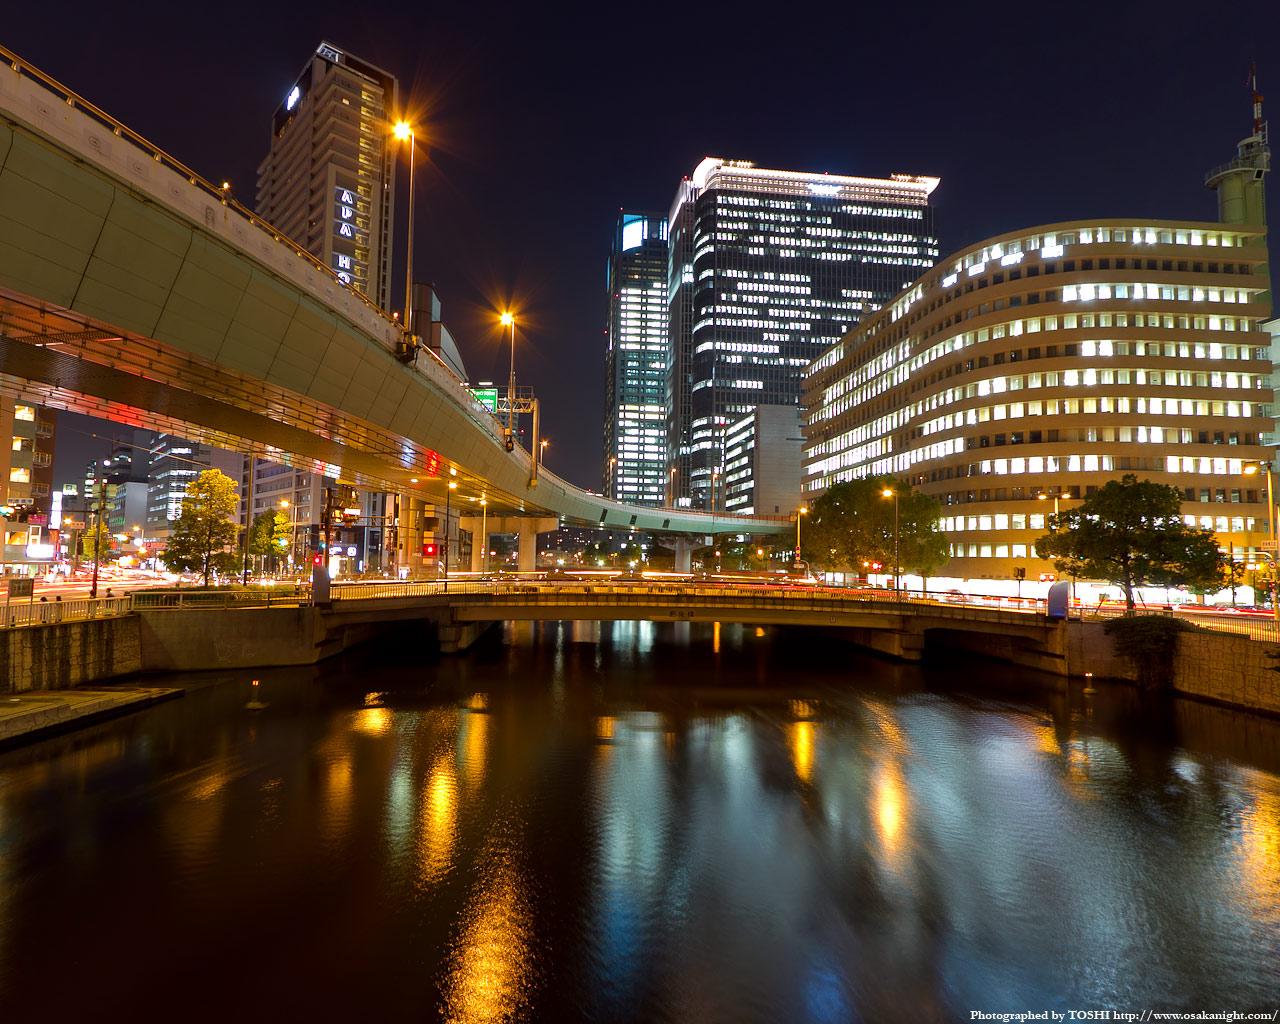 肥後橋と中之島3丁目の高層ビル群夜景1